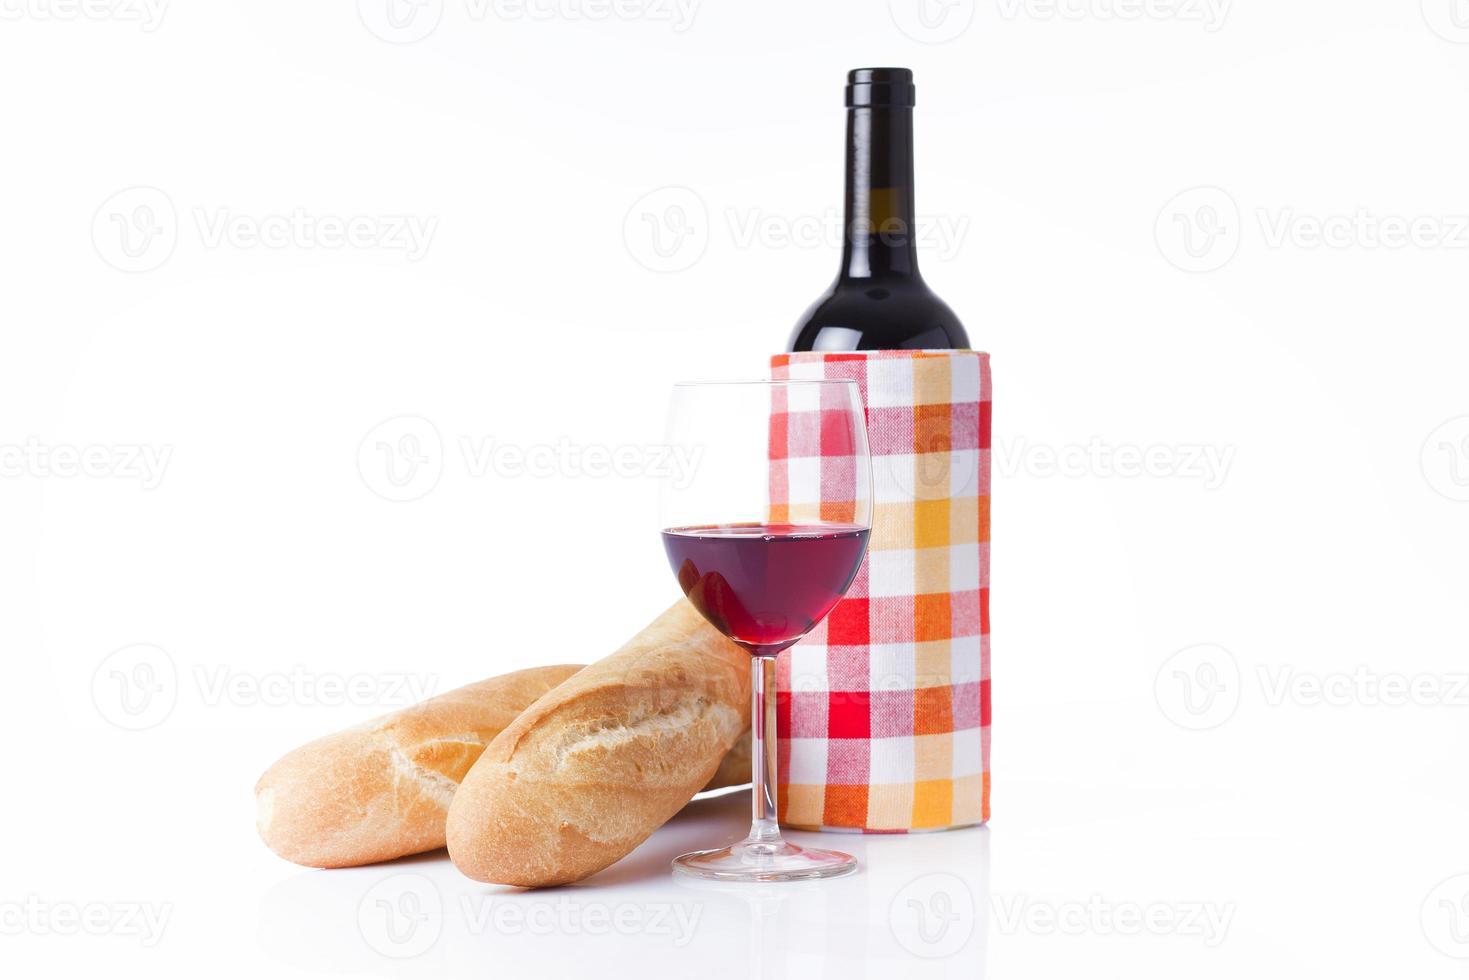 vin rouge et baguette photo